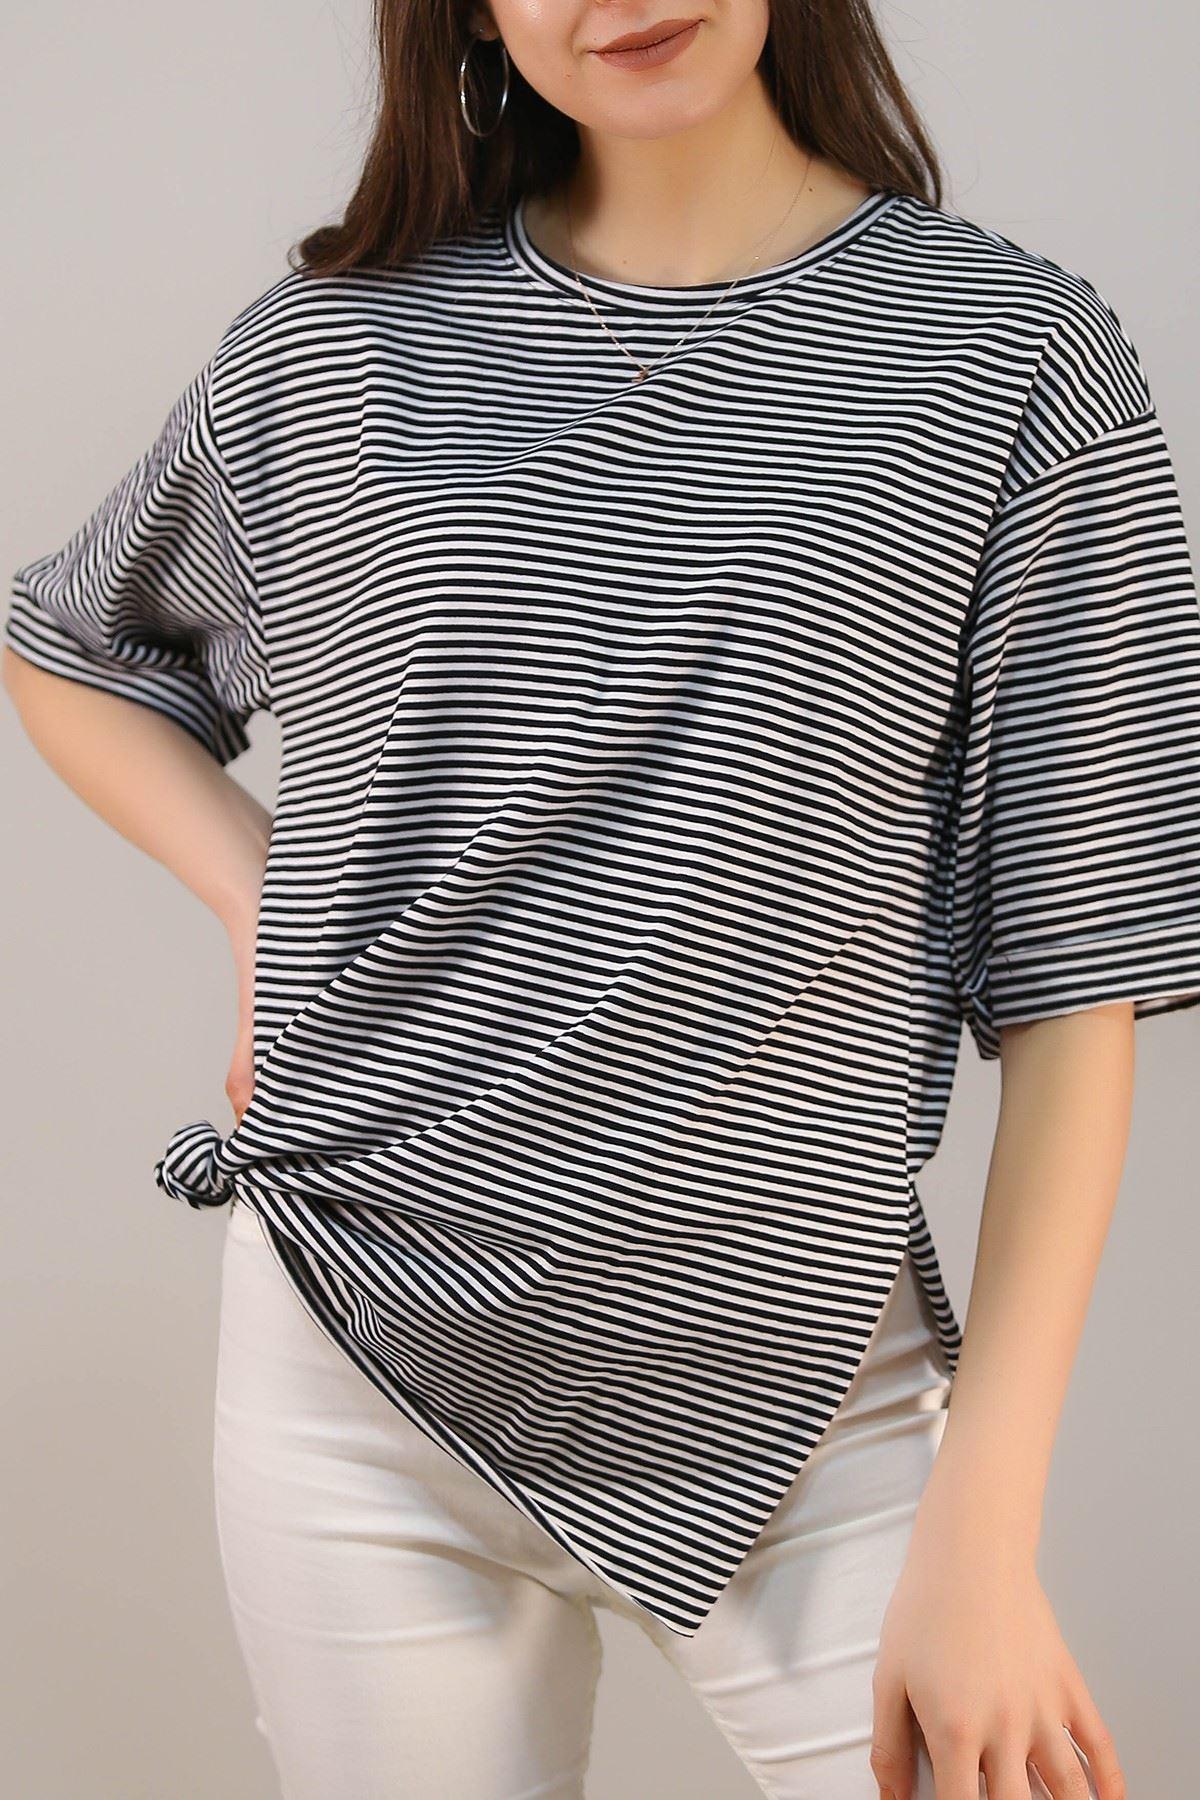 Çizgili Yırtmaçlı Tişört Siyah - 4993.336.